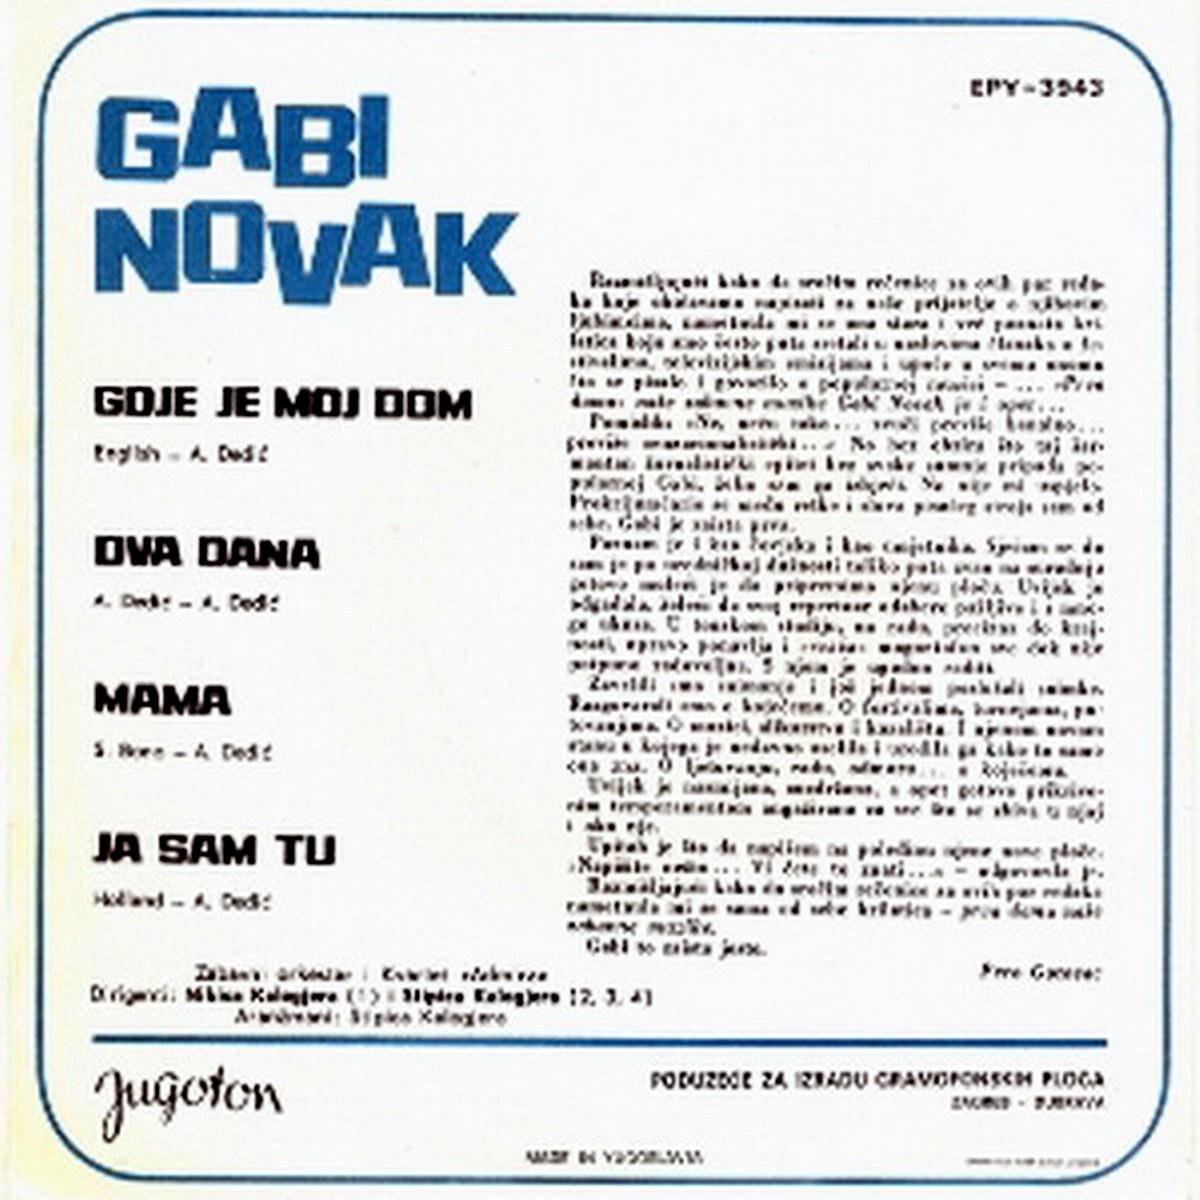 Gabi Novak 1968 Gdje je moj dom b